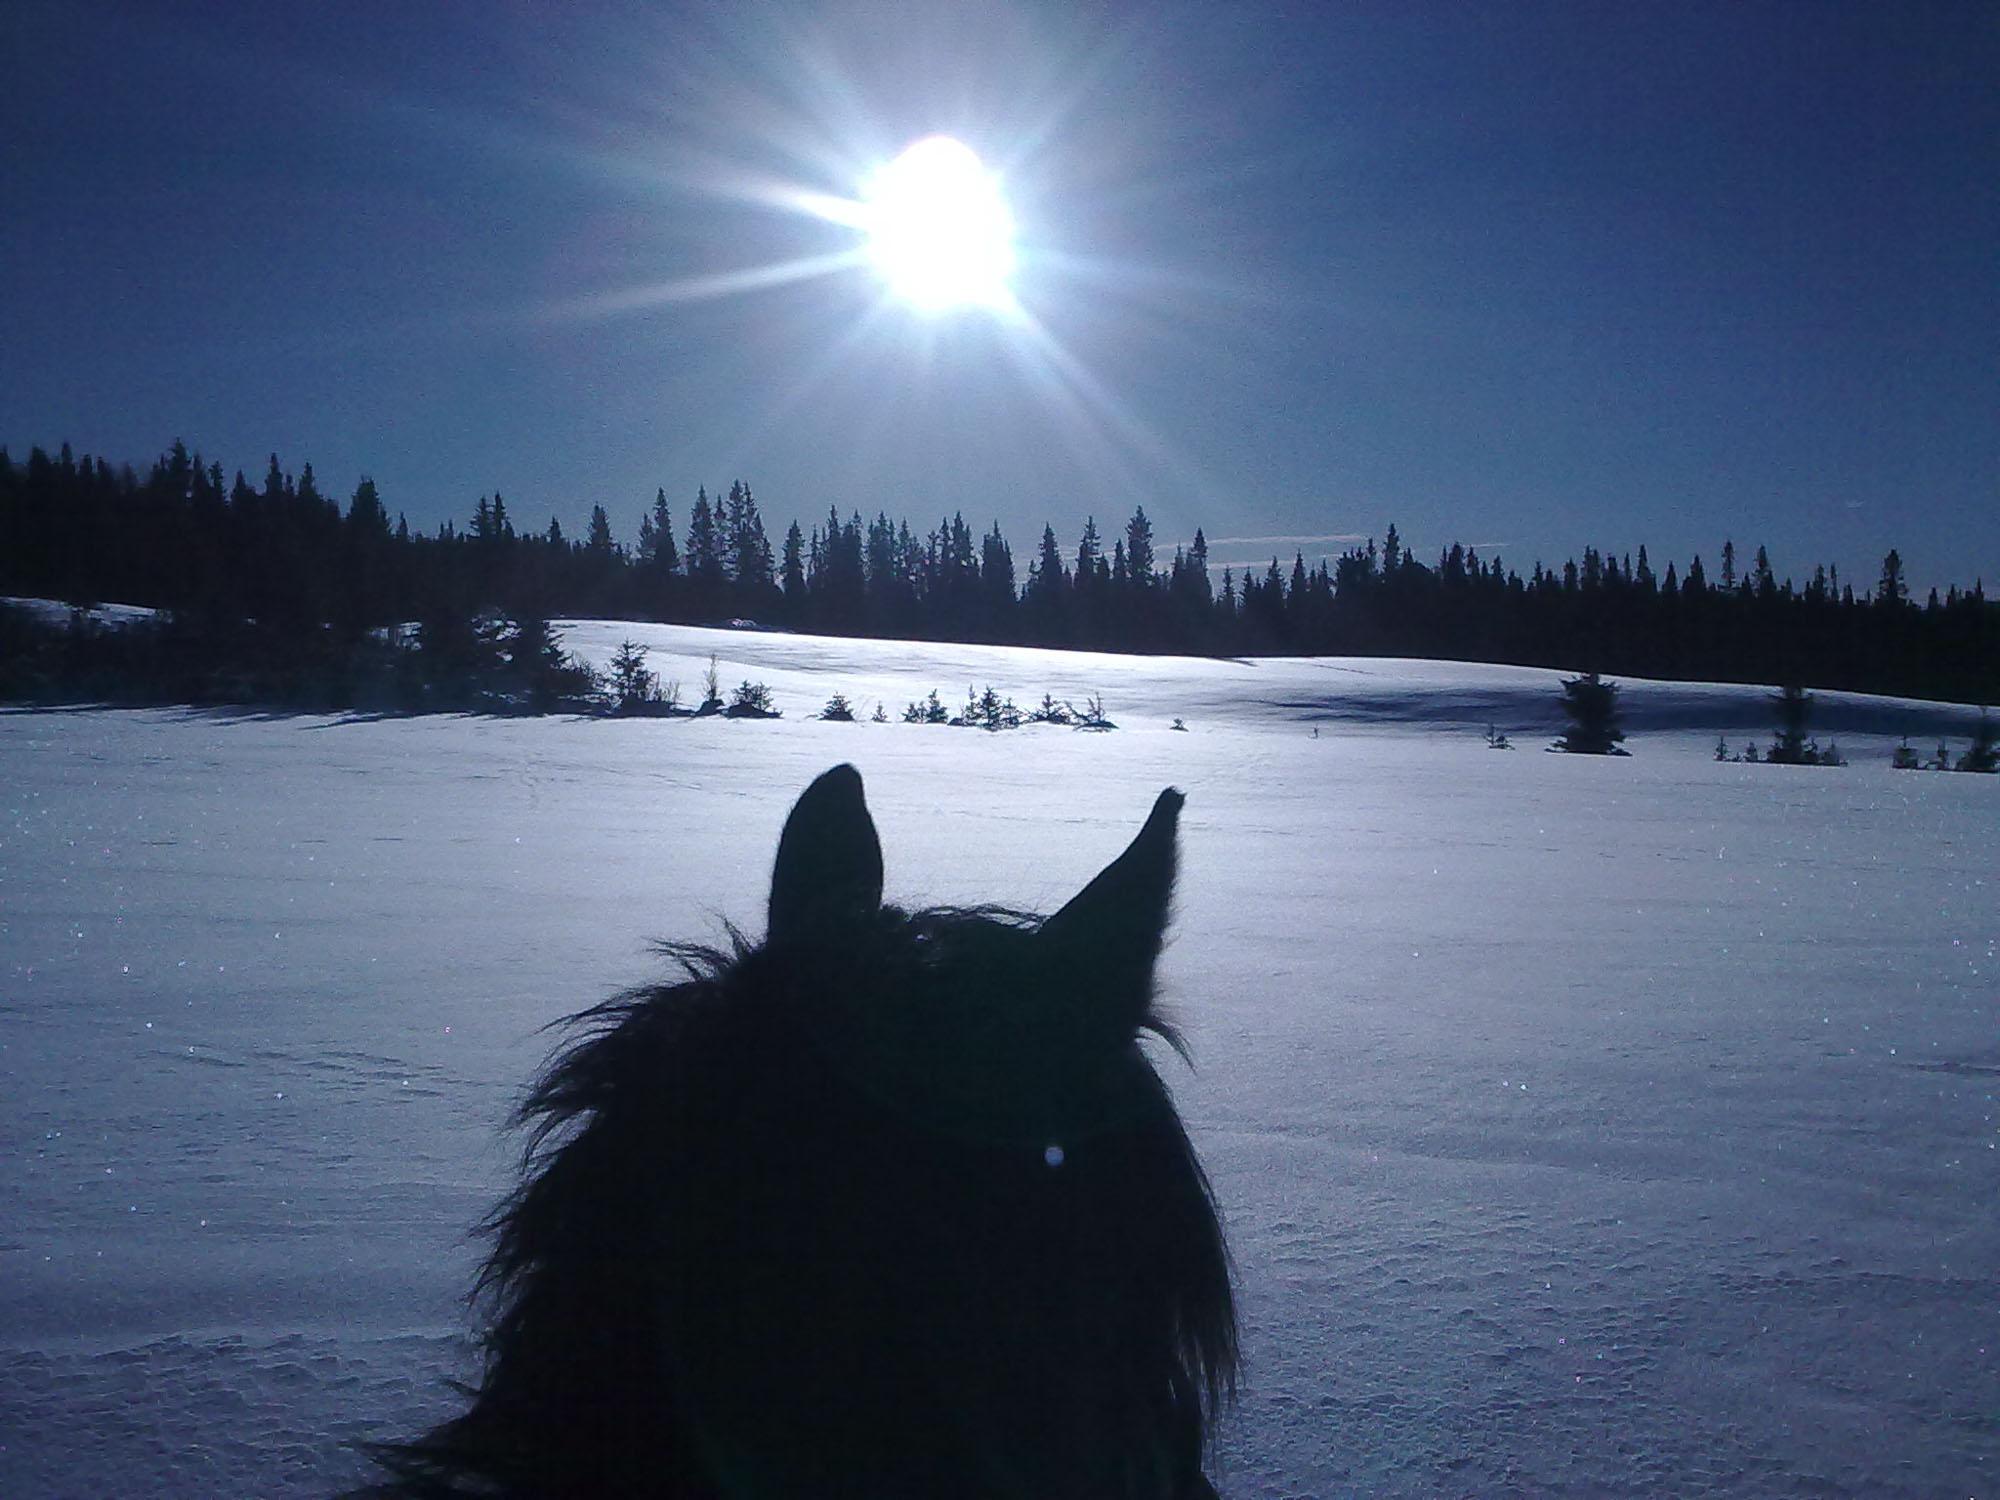 På ridetur innover Svartmorka, som er på fjellet mellom Ringebu og Fåvang på min kjære Rocky Ray, min beste venn som måtte få slippe nå i høst. Men for en fantastisk frihet å kunne sette seg på disse staselige og mektige dyrene å ri innover snødekte vidder.